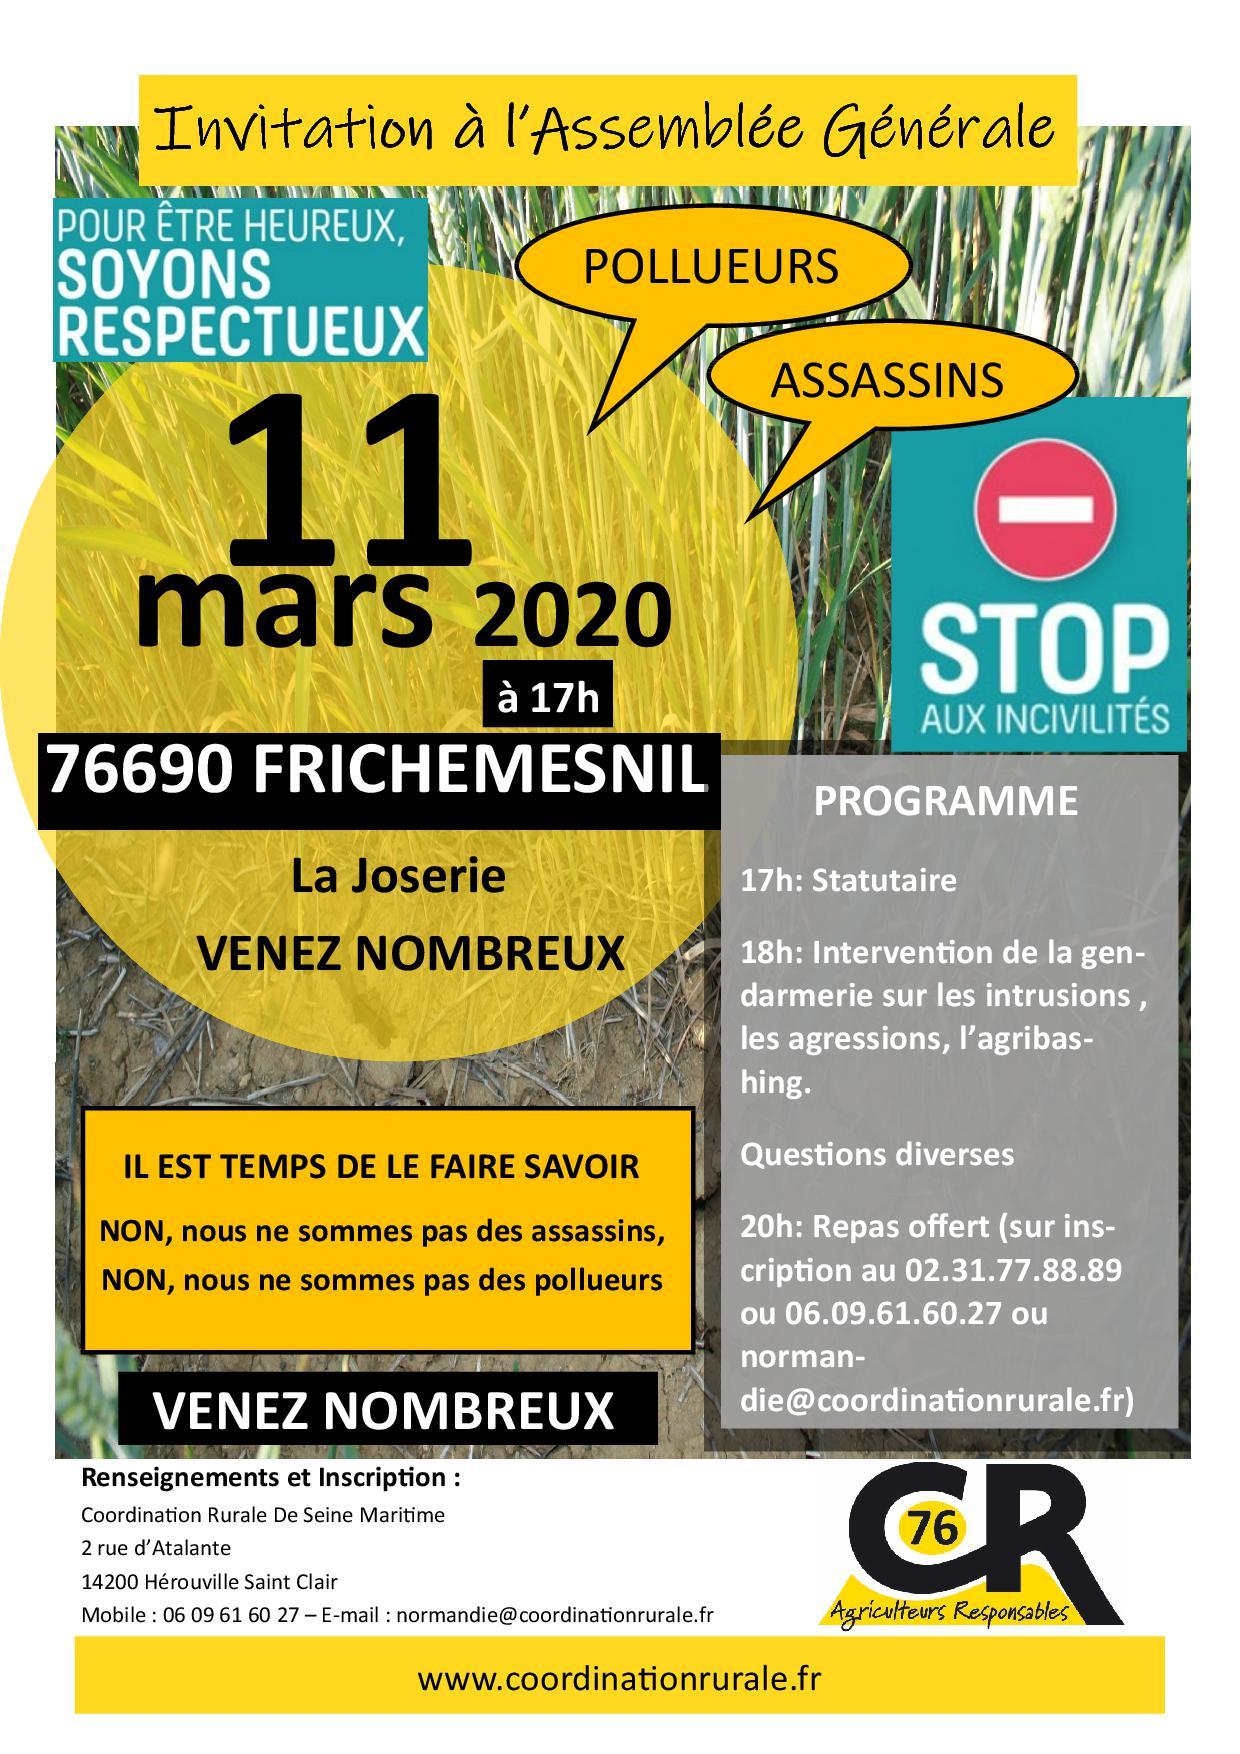 2020 AG 76 Invit.pub